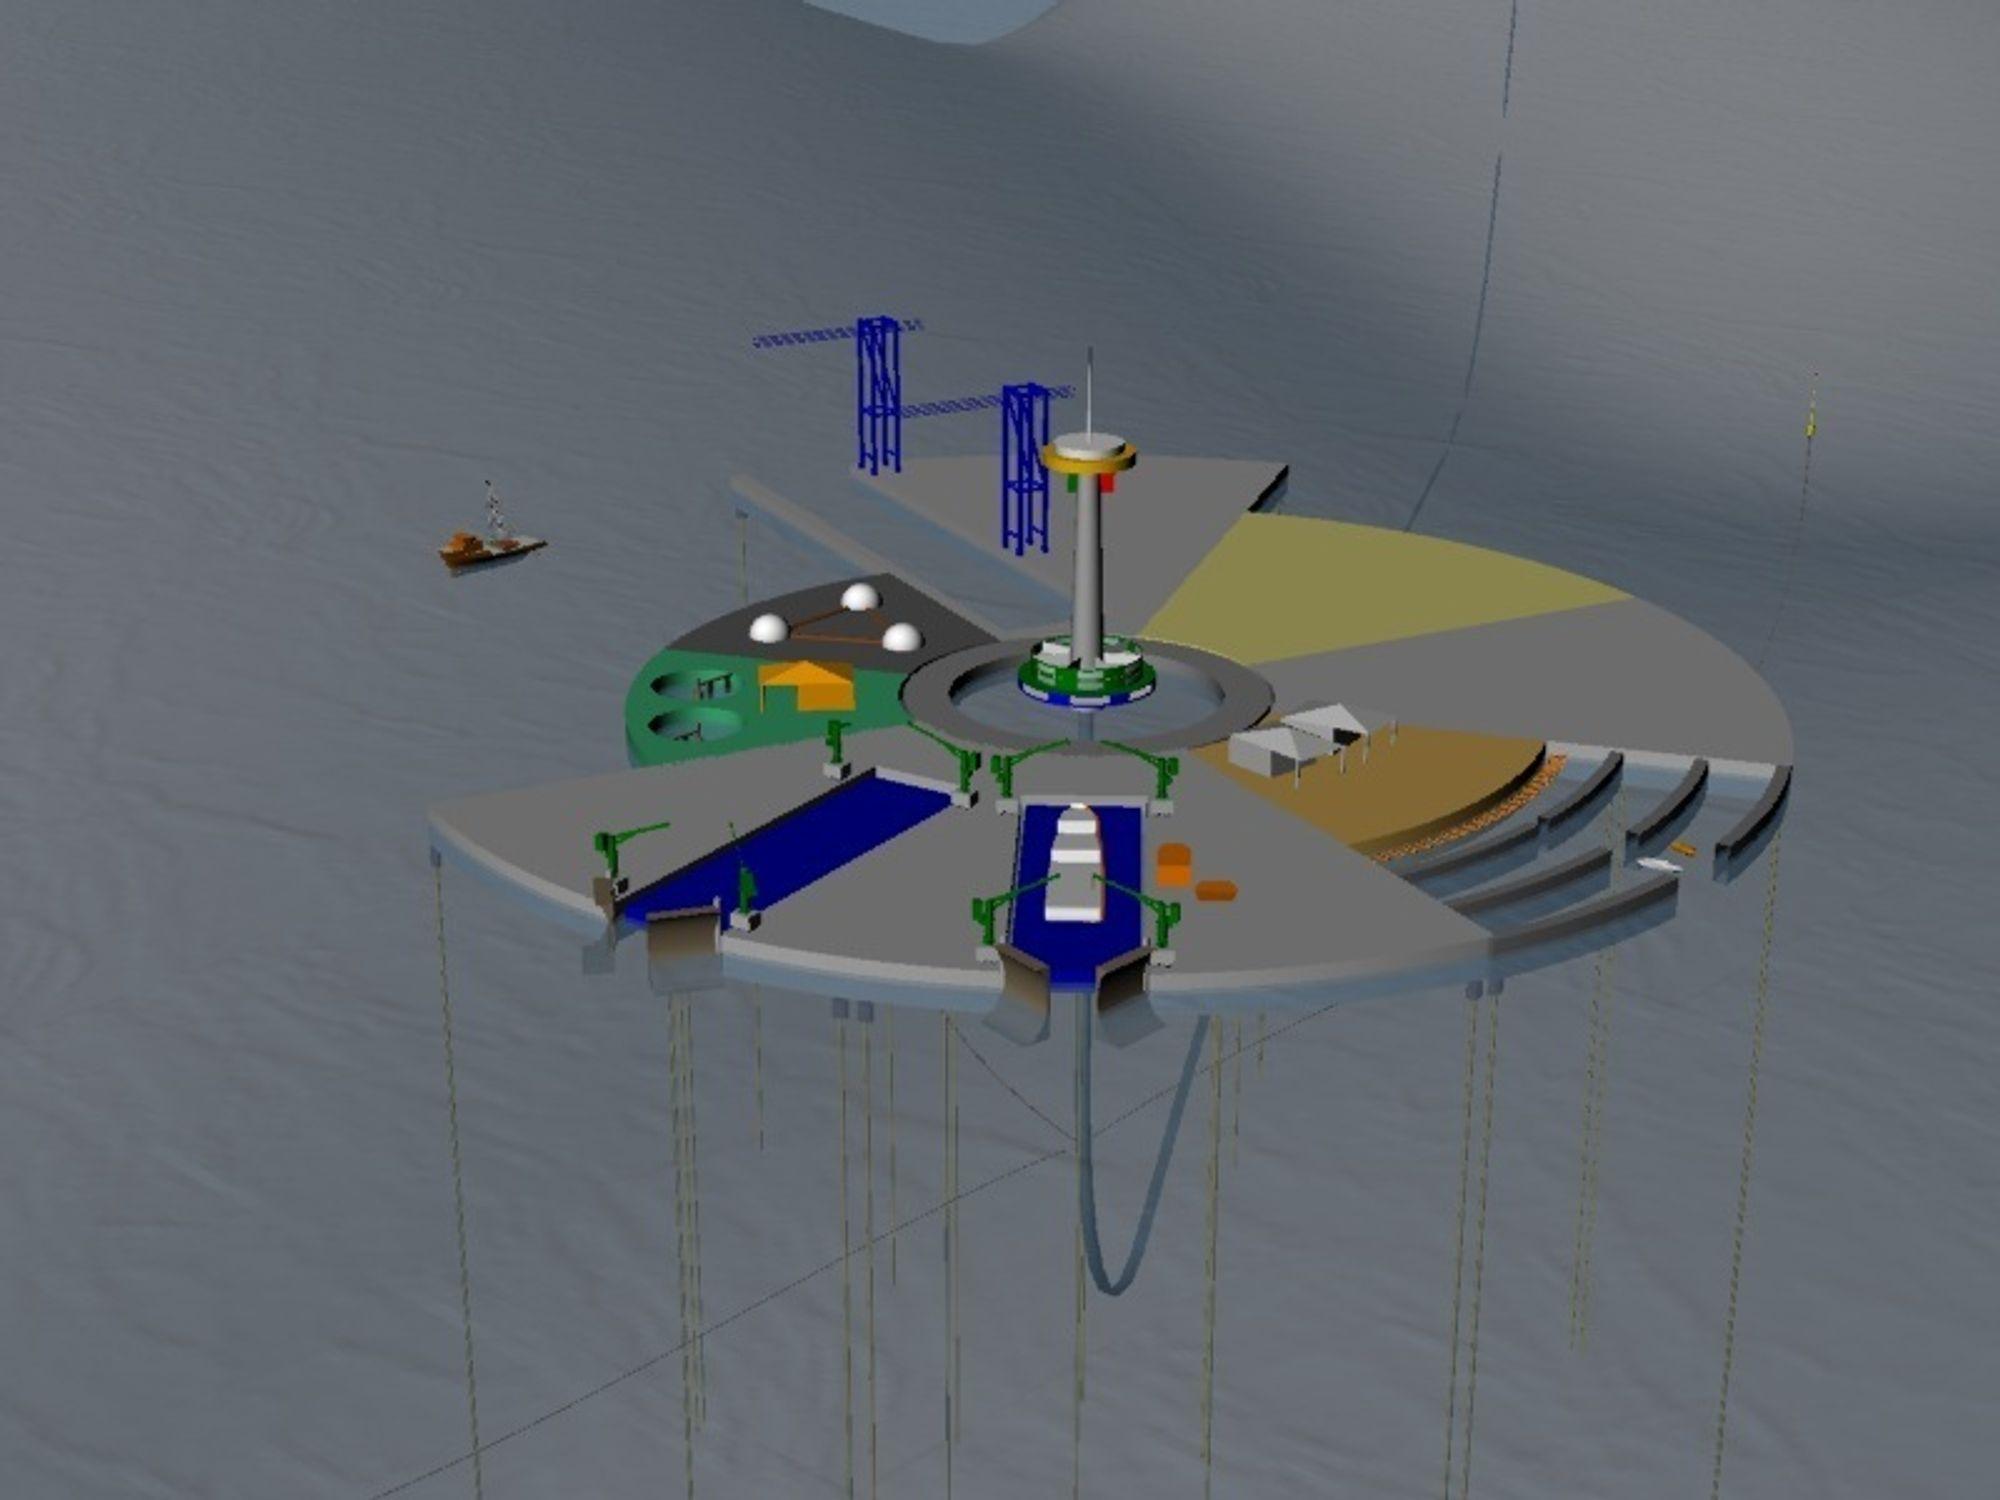 MODULØY: Den flytende øya skal forankres på dypvann.EU-prosjektet vil utrede mulighet for øyer til næring og boliger. Øya skal være selvforsynt med energi. NIVA deltar fra Norge.